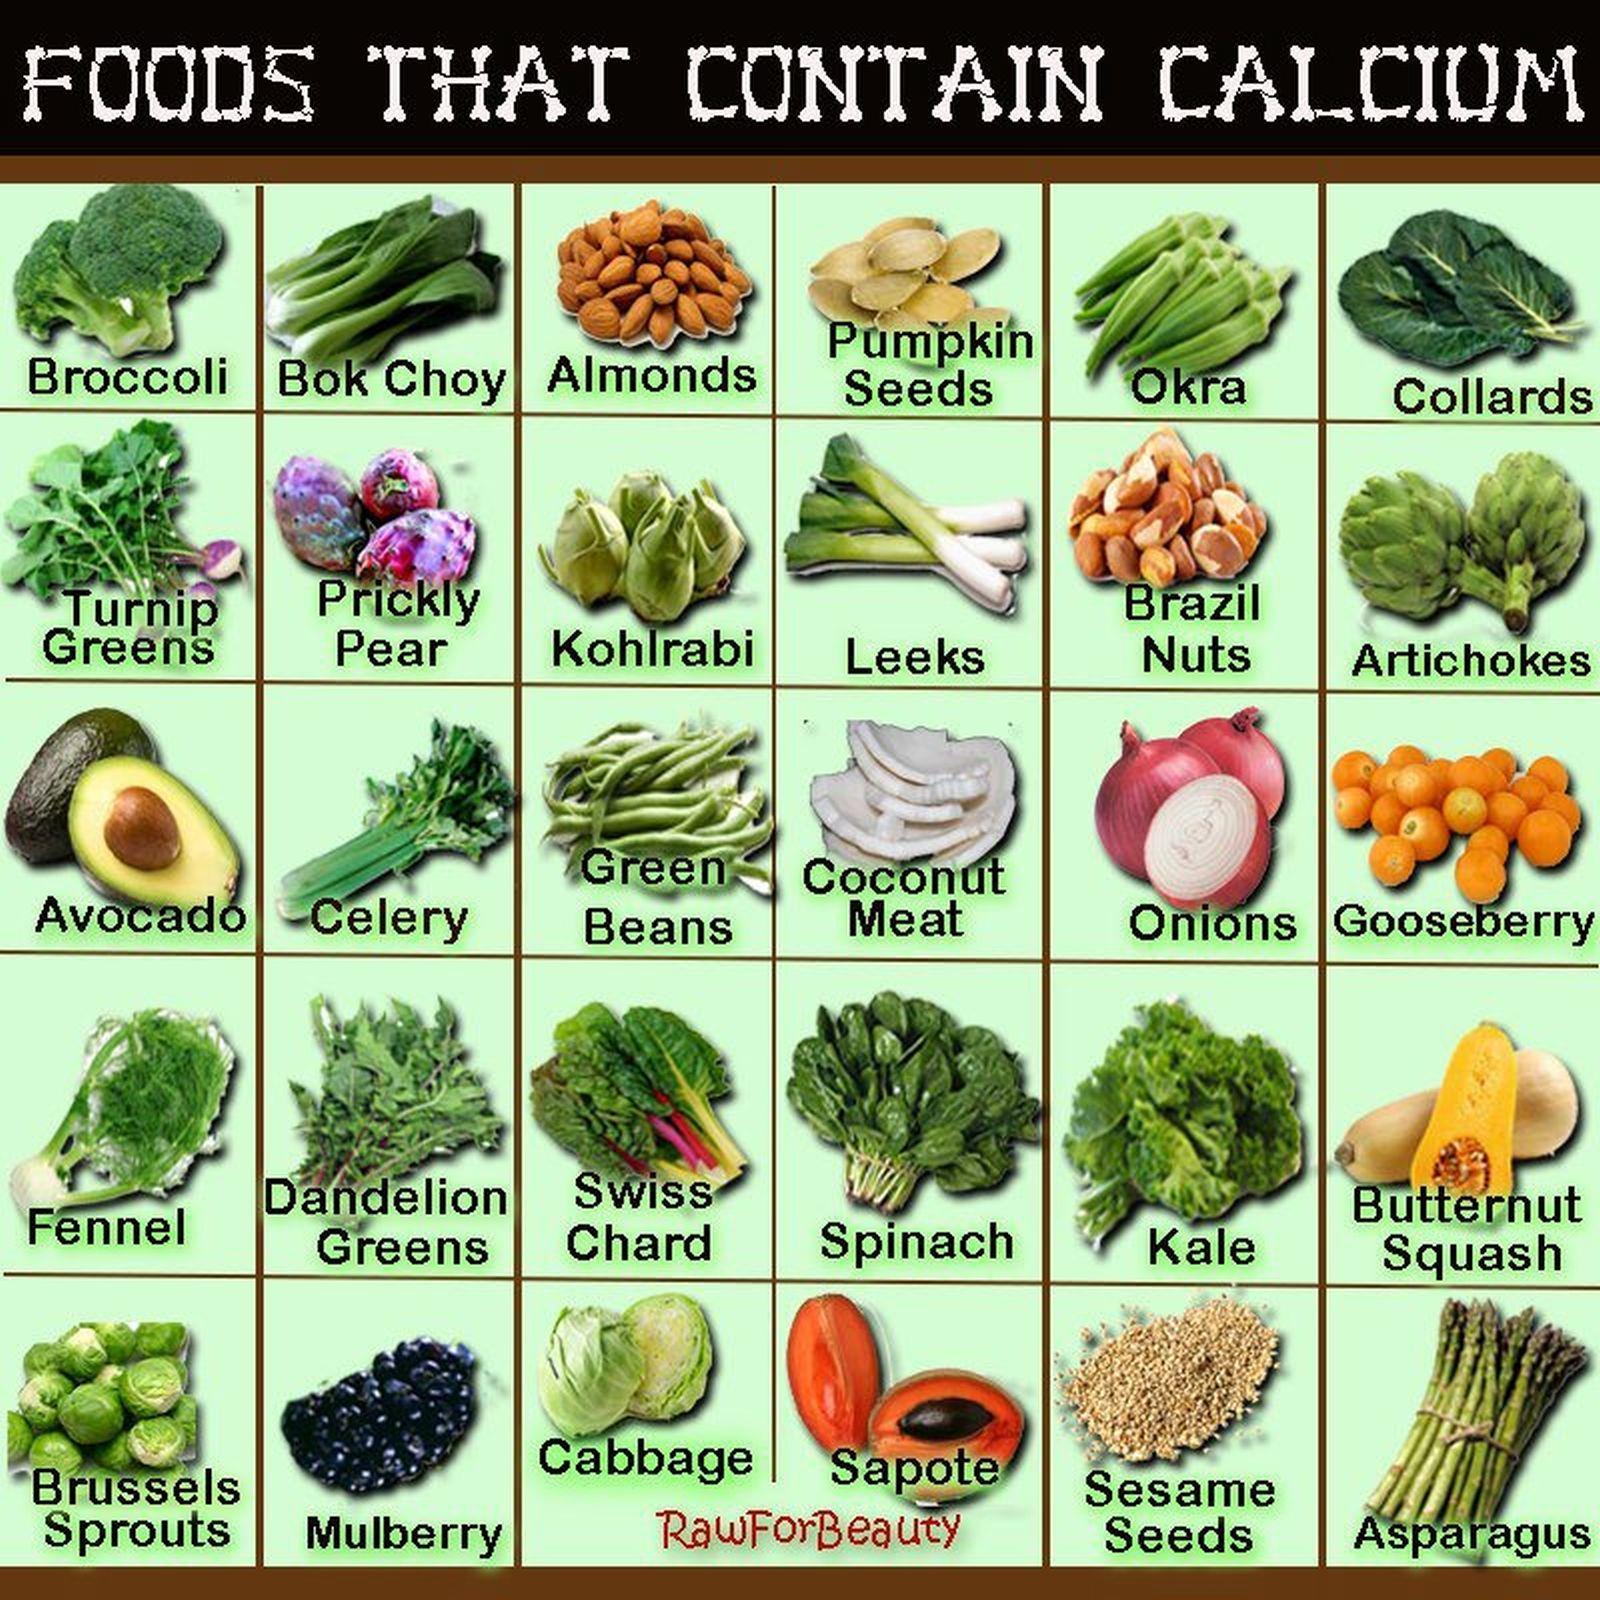 Foods that contain Calcum Foods that contain calcium